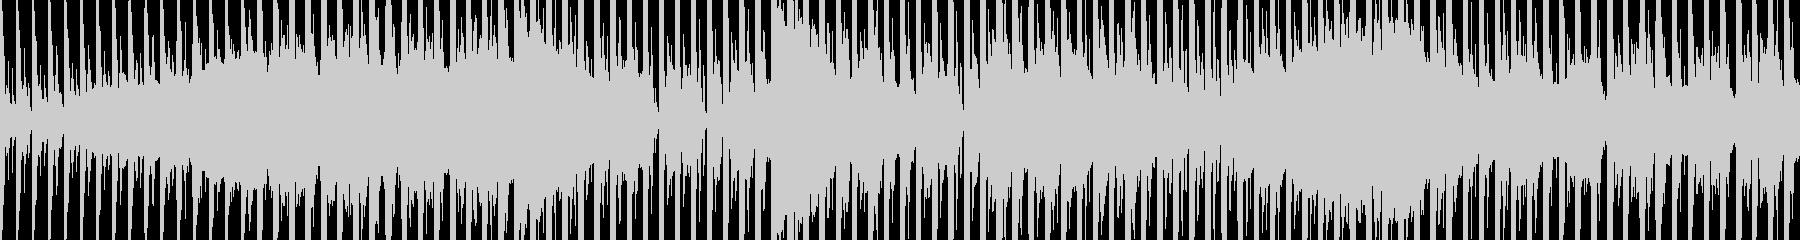 シネマチックで近未来的 EDM ループの未再生の波形